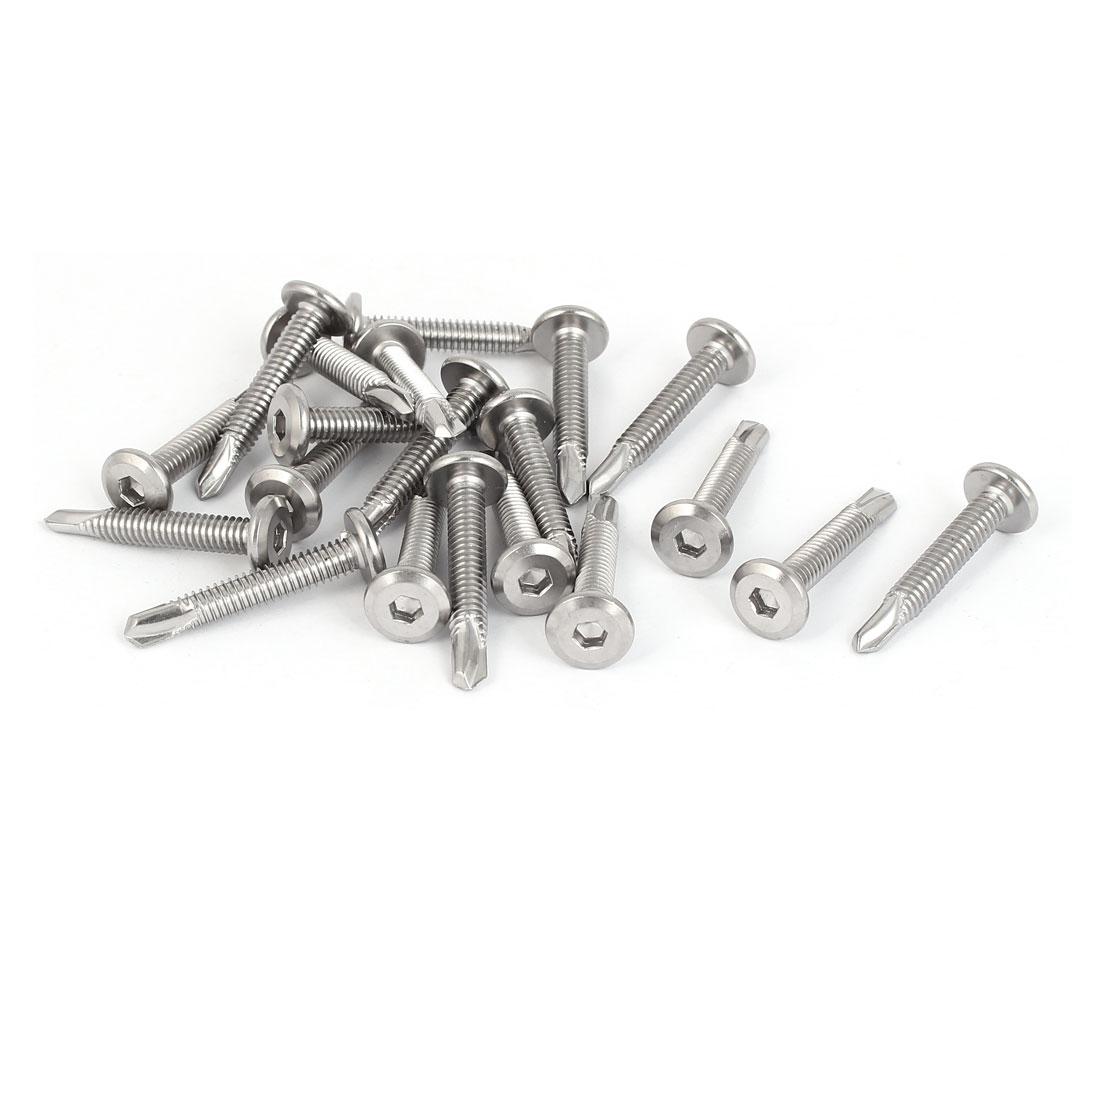 M5.5x35mm Thread Metal Hex Socket Flat Head Self Tapping Drilling Screws 20 Pcs